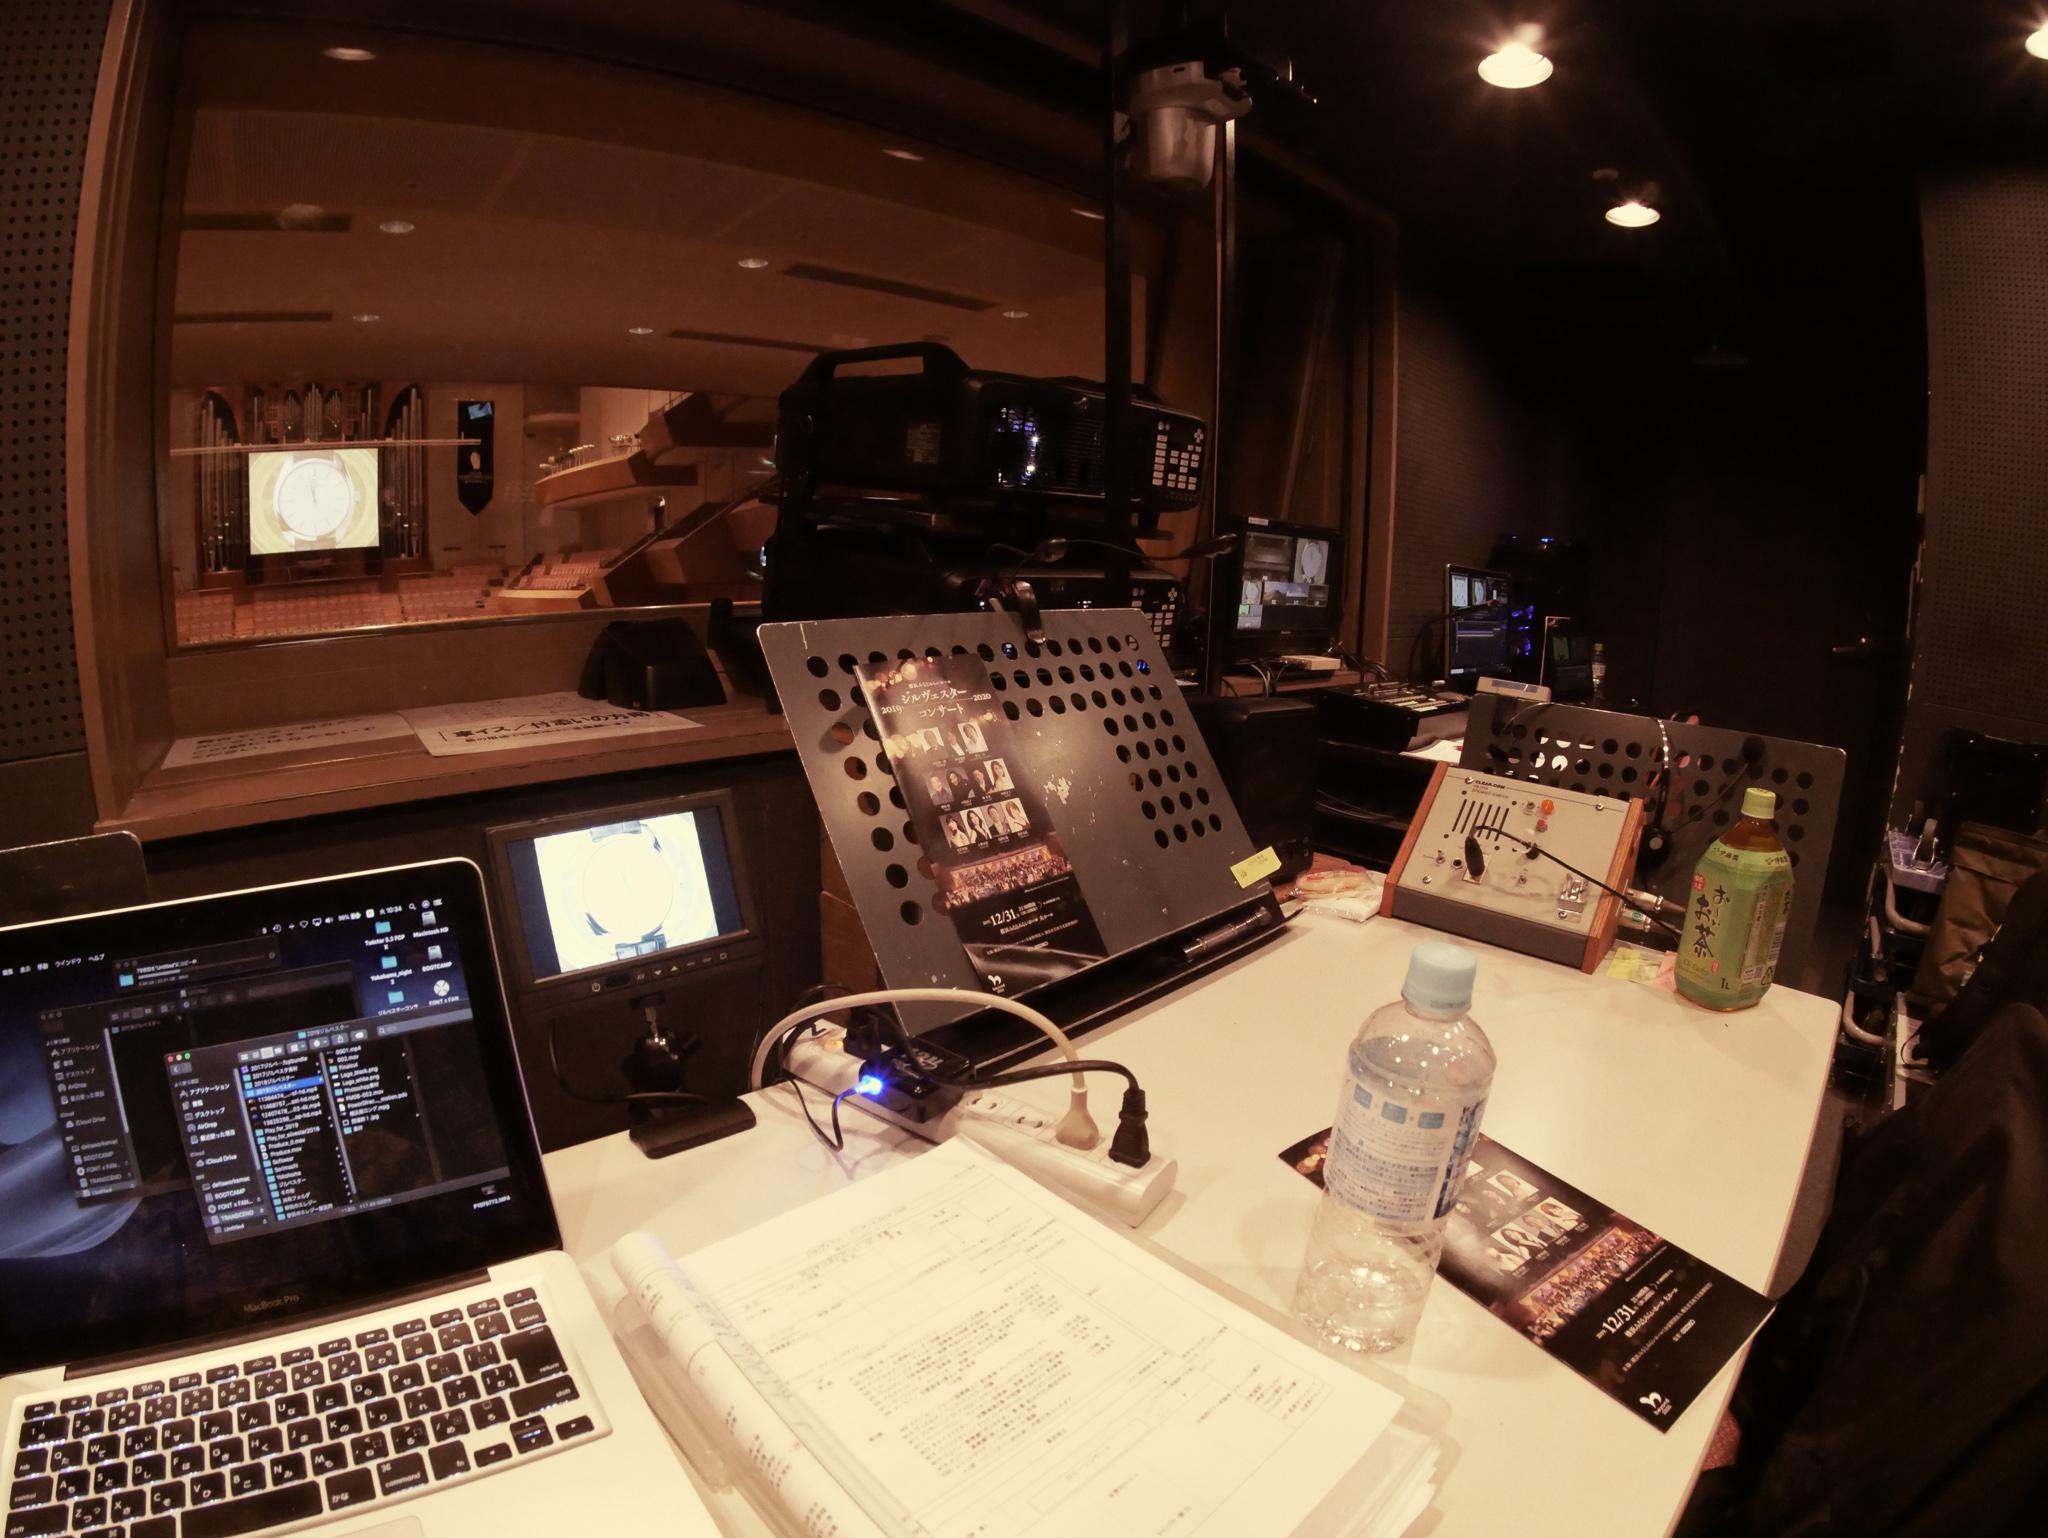 横浜みなとみらいホールで行われたジルベスターコンサートの舞台映像の仕事に行って来た。